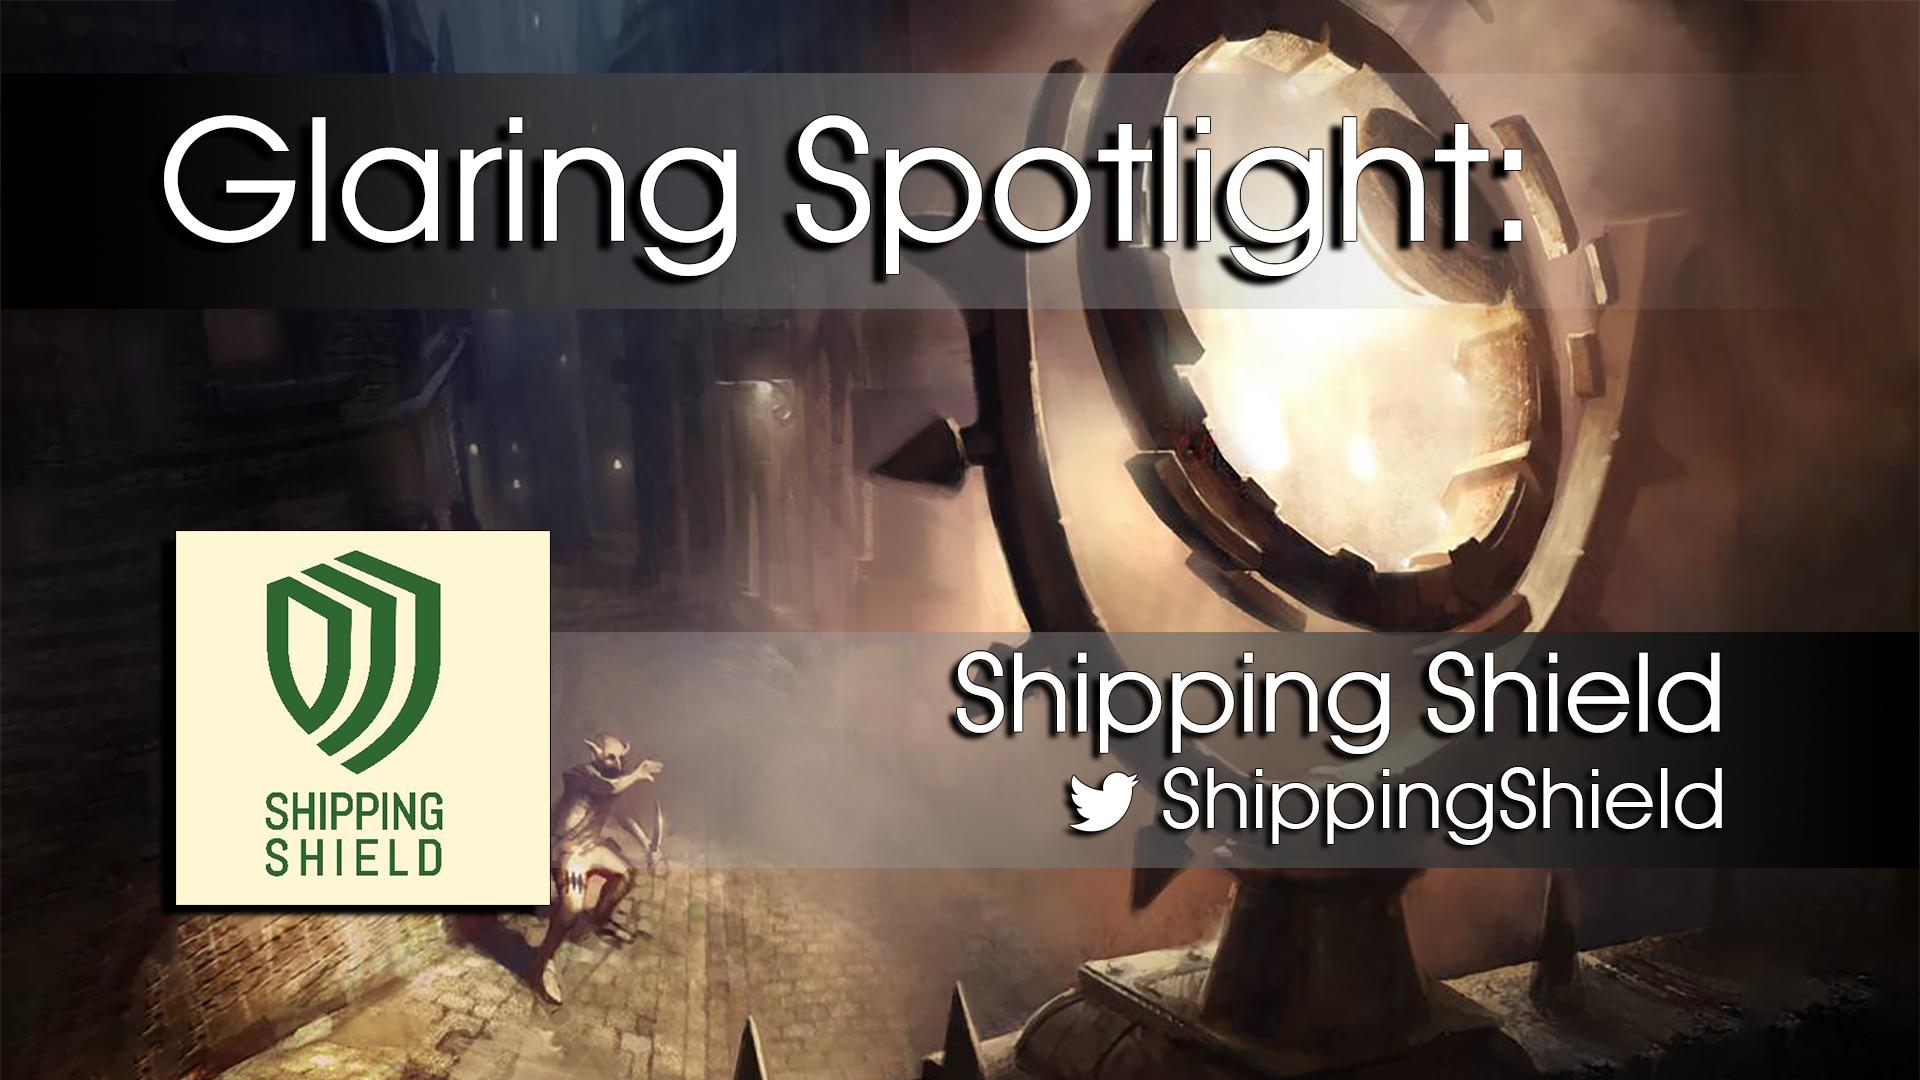 Glaring Spotlight: Shipping Shield